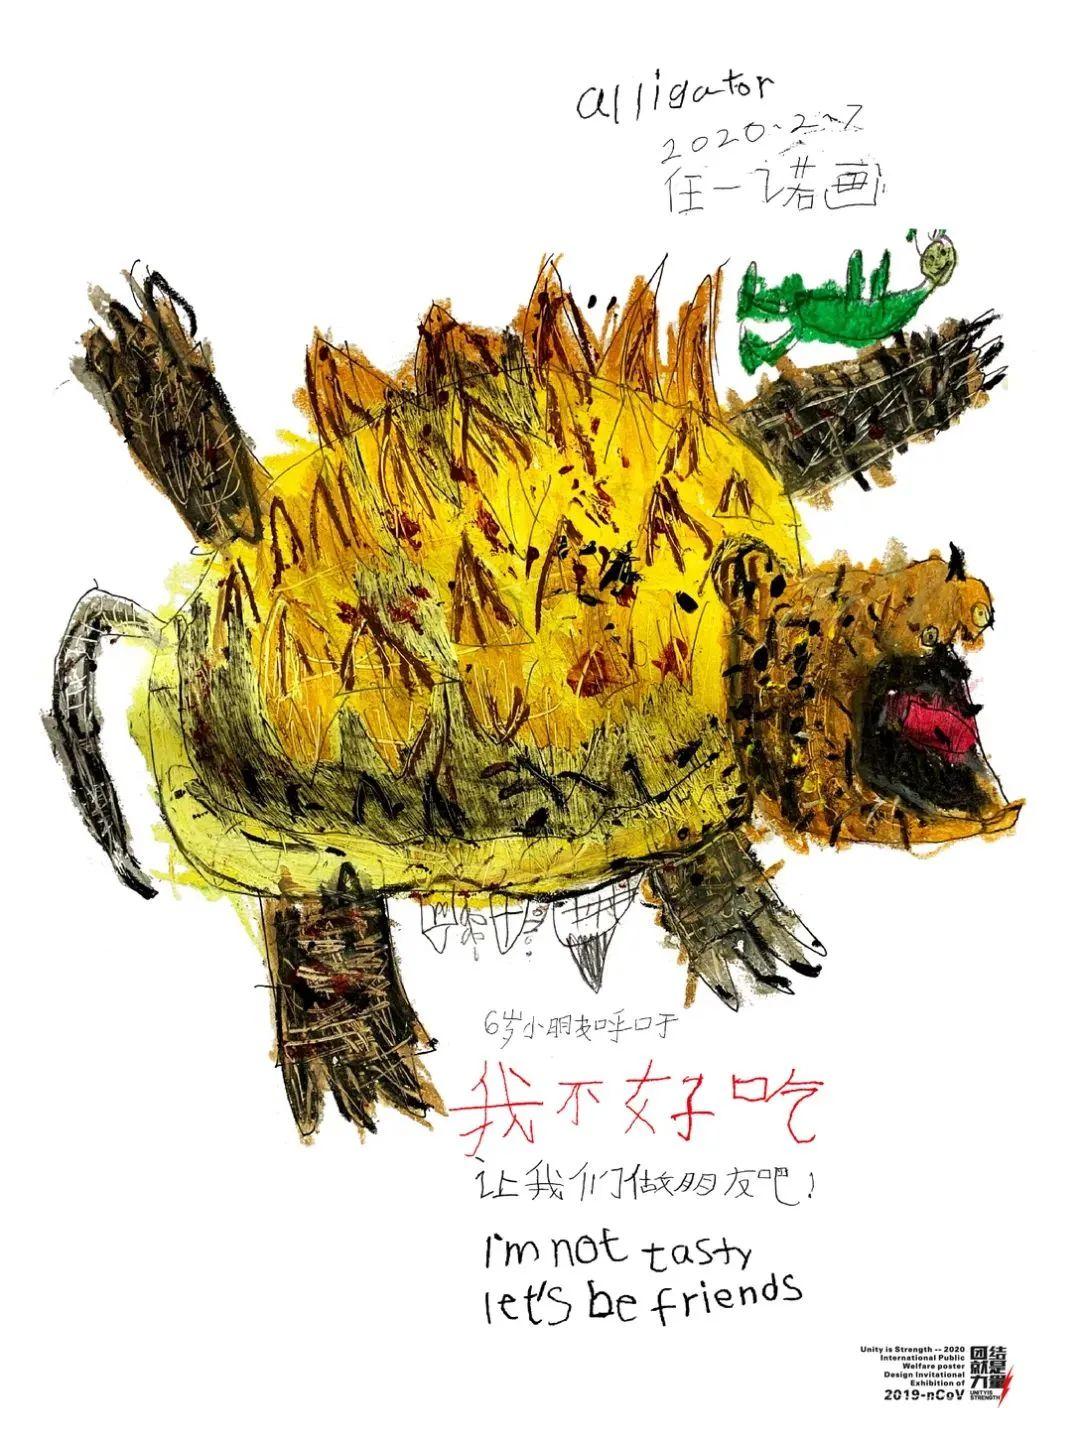 6岁蒙古族小设计师用插画拯救野生动物,为抗疫助力! 第16张